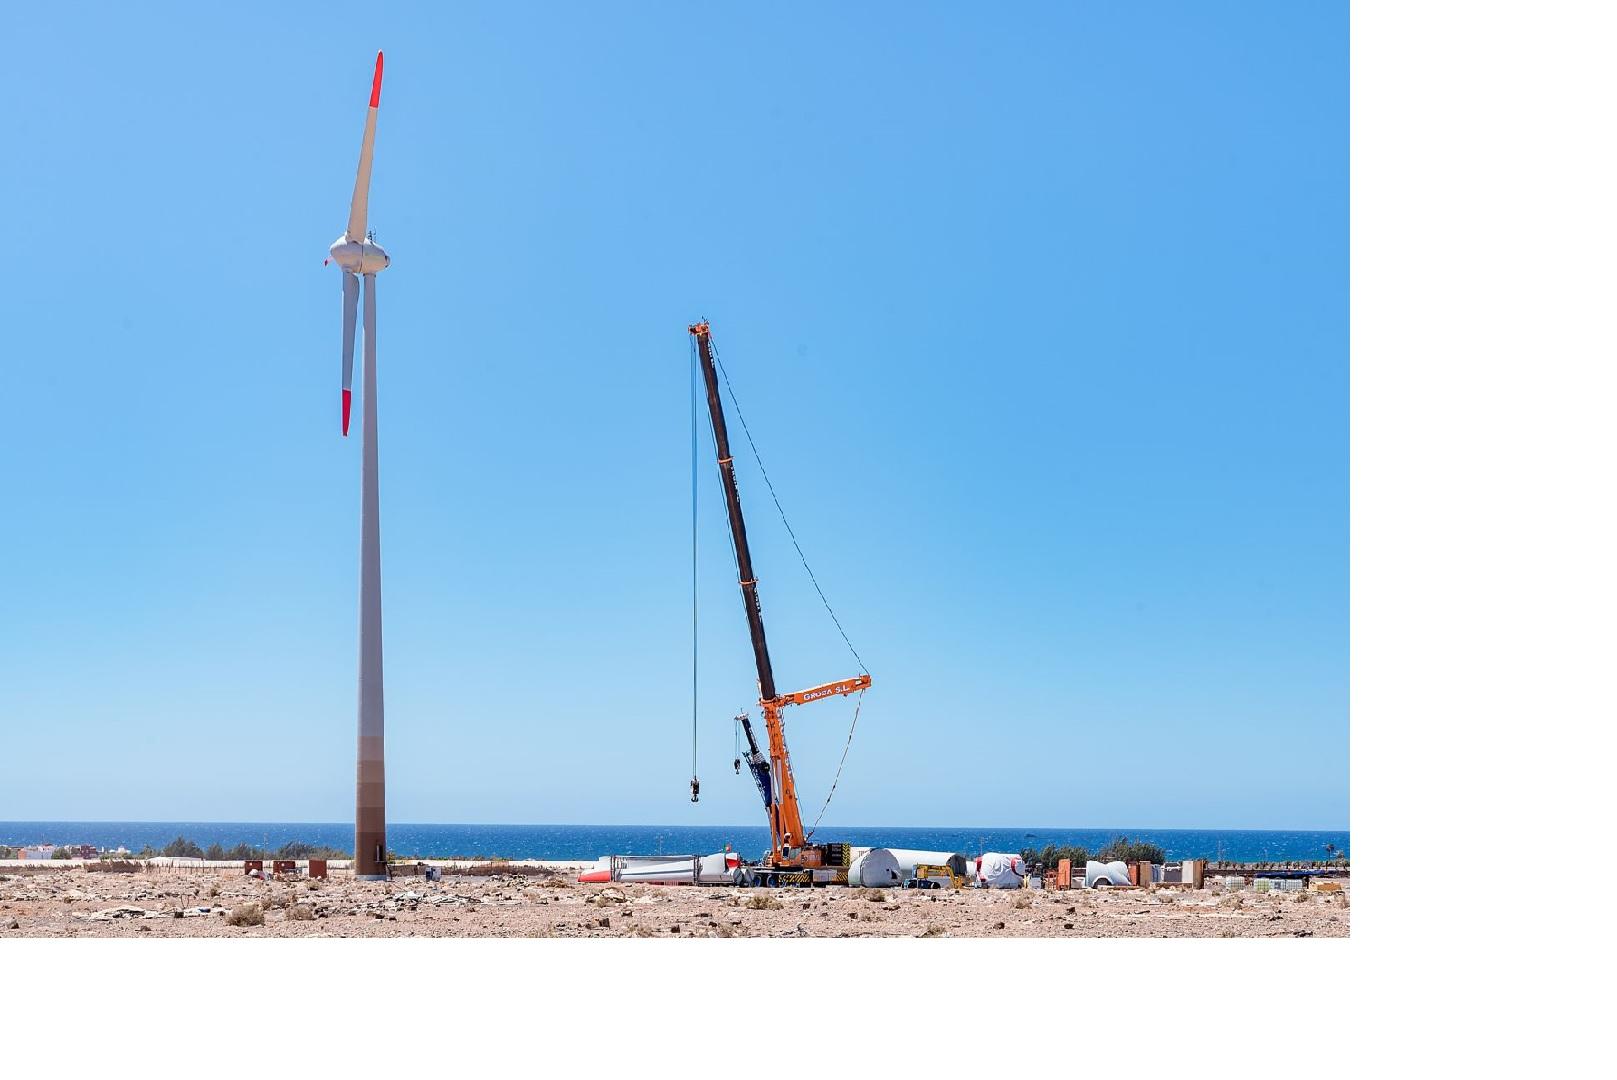 Ecoener comienza la construcción de 2 nuevos parques eólicos en Canarias